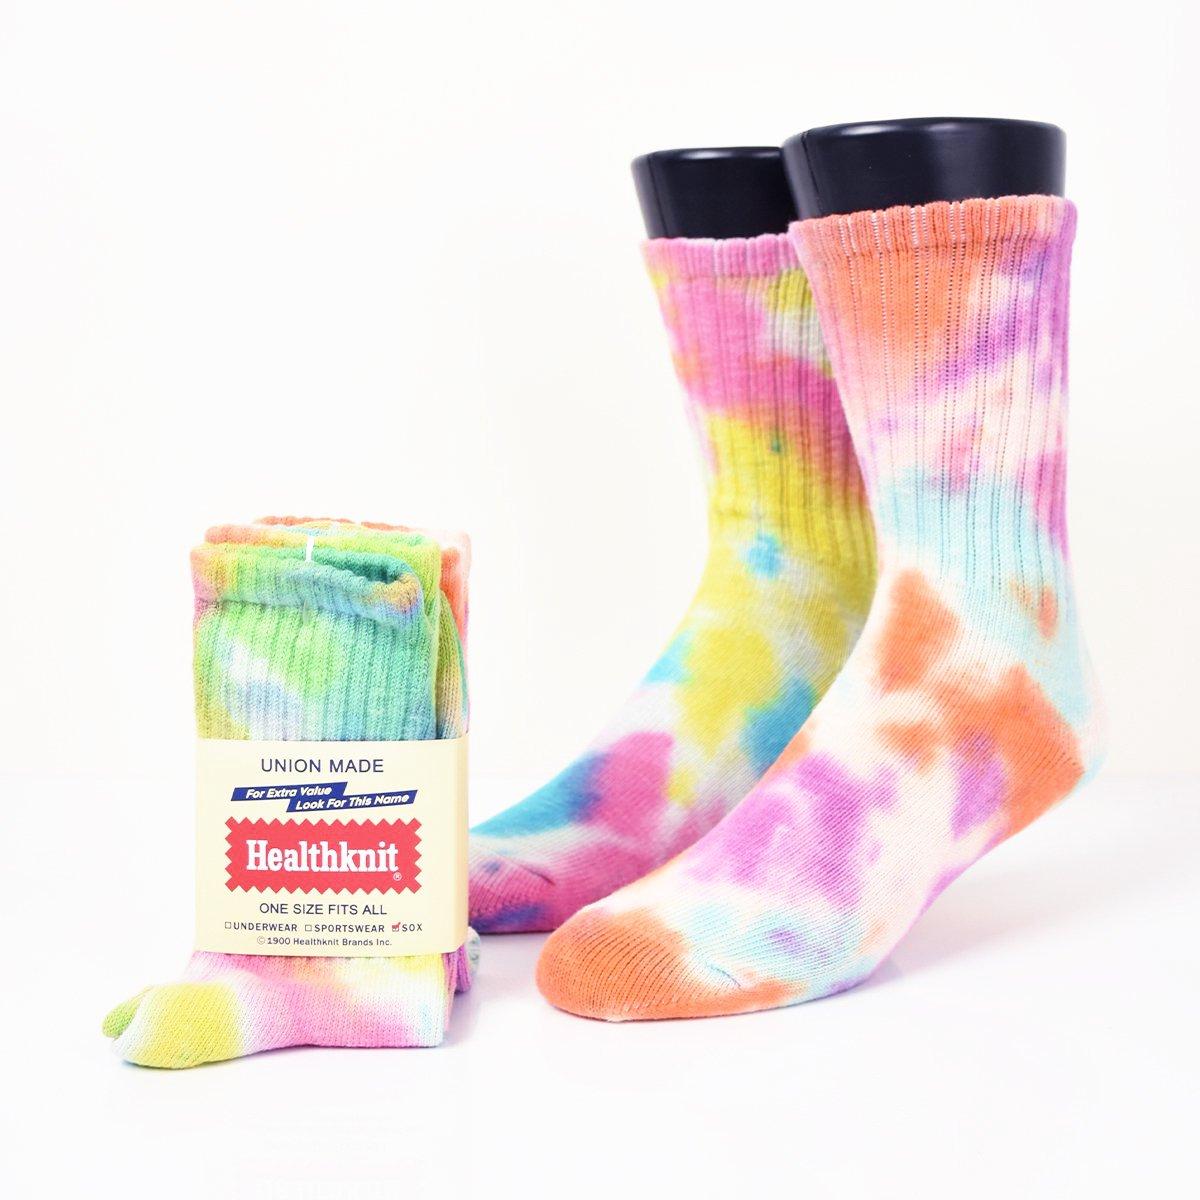 【Healthknit】Tie Dye 2P SOX                           </a>             <span class=